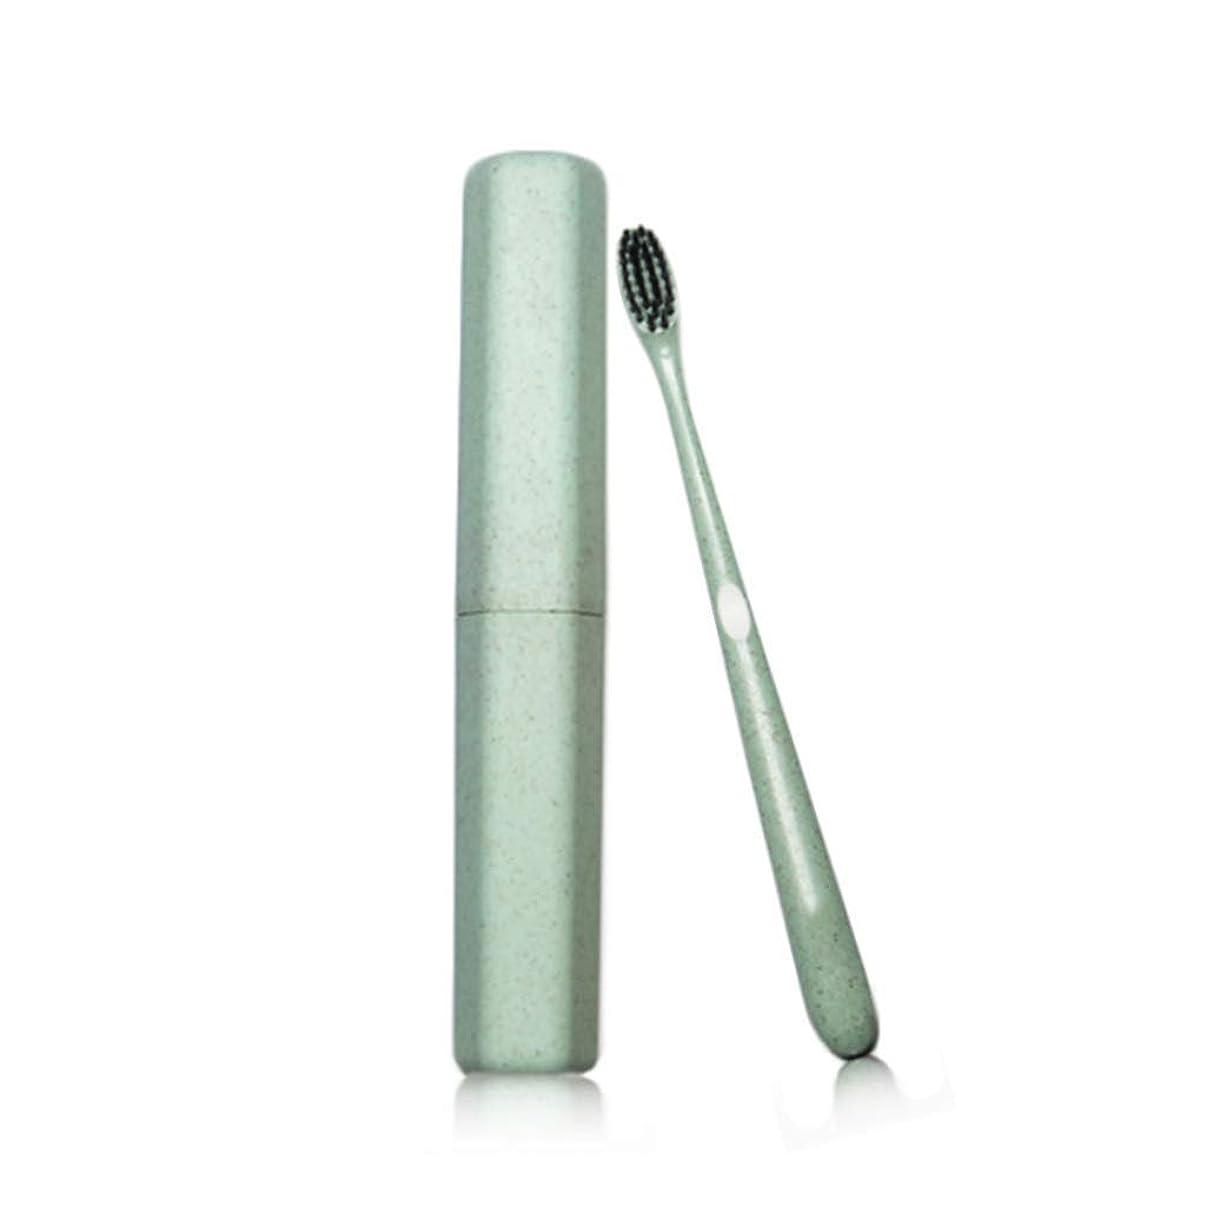 シーサイド注文シーフード歯ブラシ大人のチューブ歯ブラシ特別なソフト竹炭ワイヤーカップル小さな頭の歯ブラシカスタムトラベル小麦麦わらの歯ブラシ (色 : Green, サイズ さいず : 10pcs)